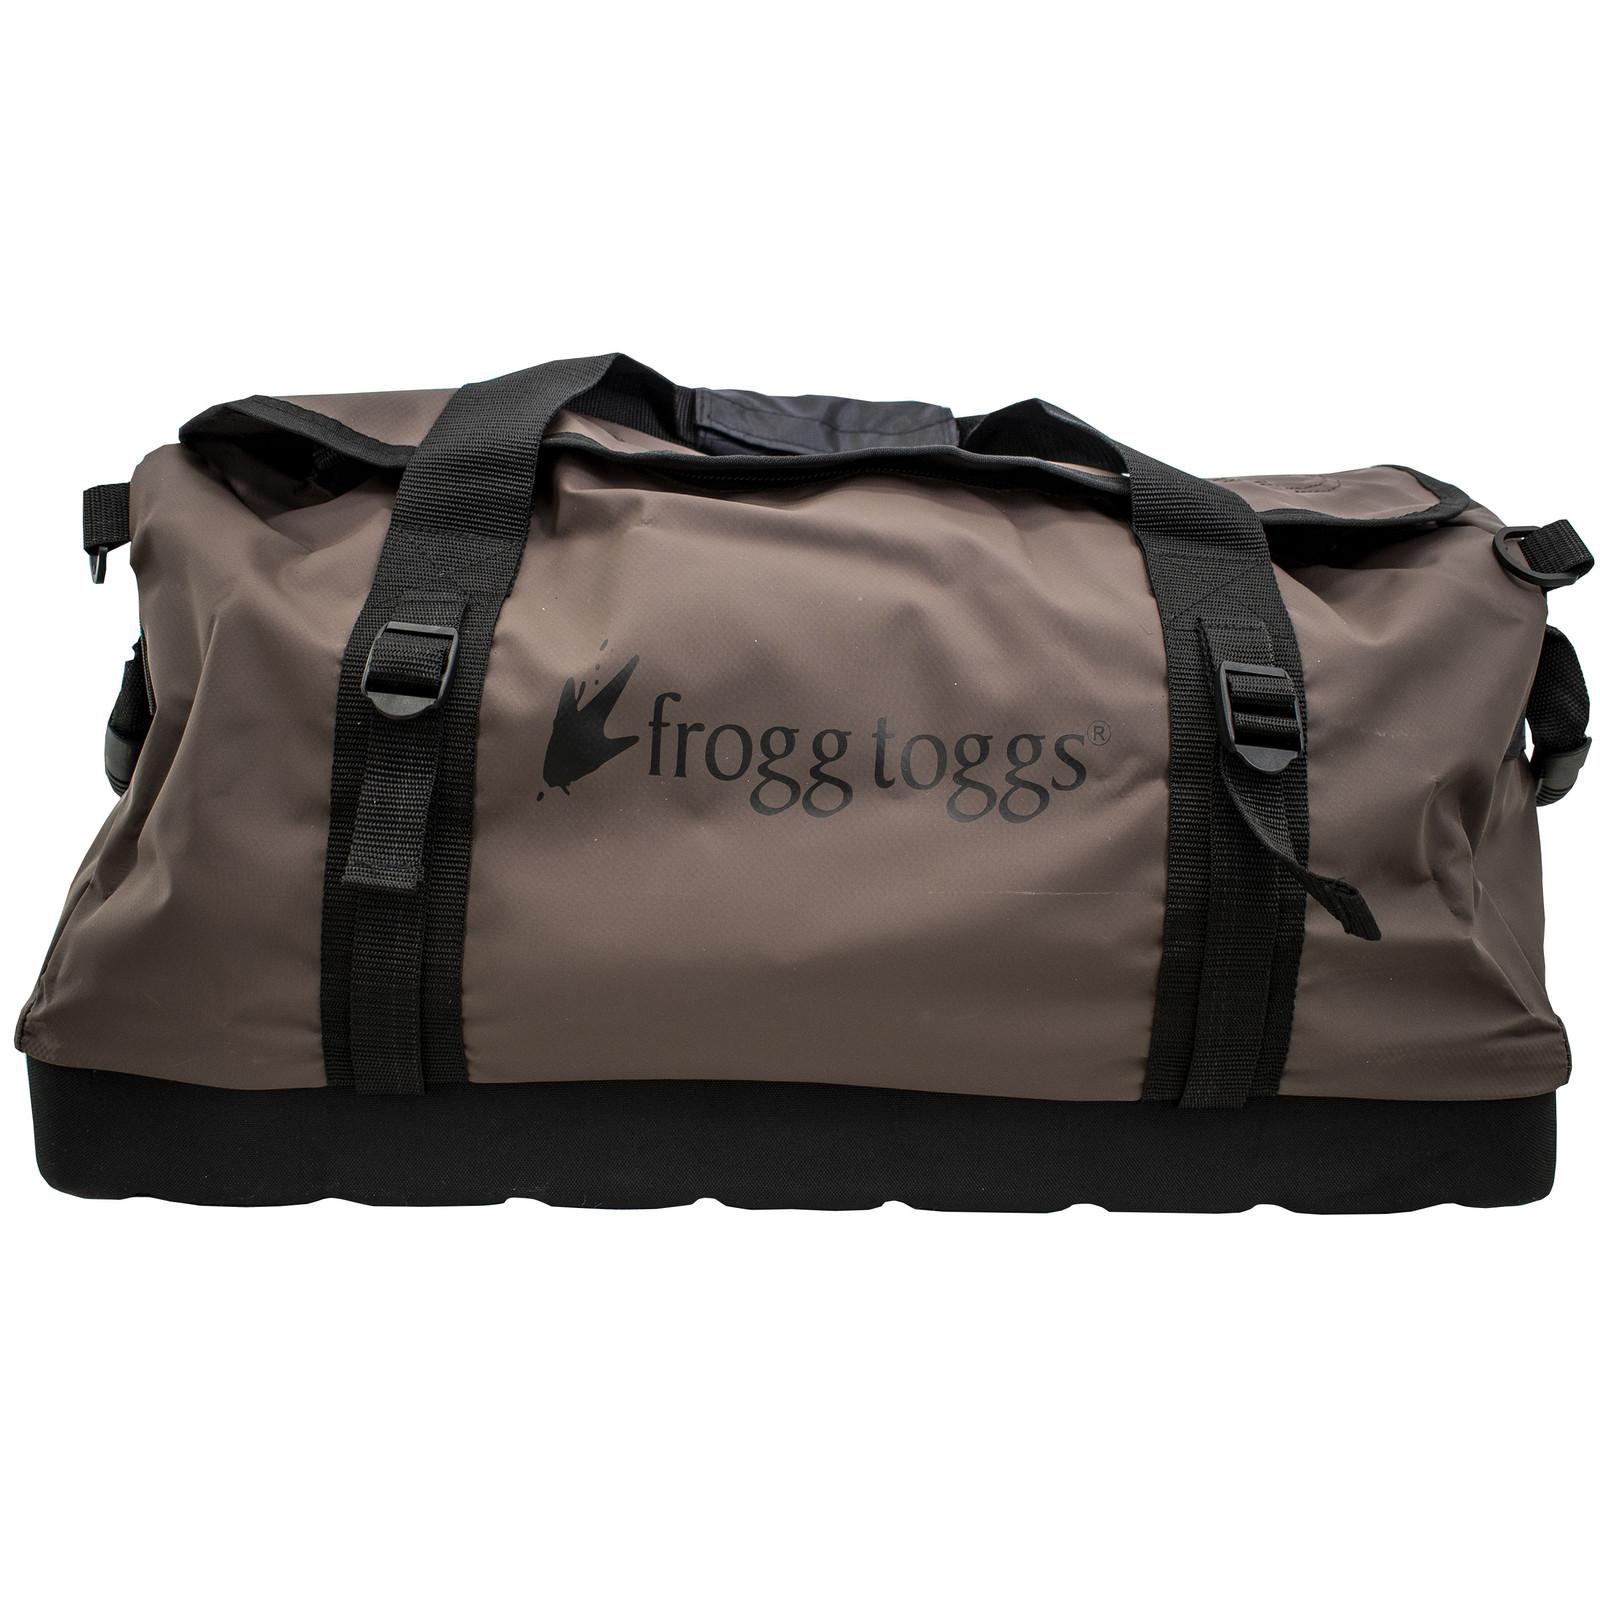 FTX™ Gear PVC Tarpaulin Water Resistant Boat Bag-large